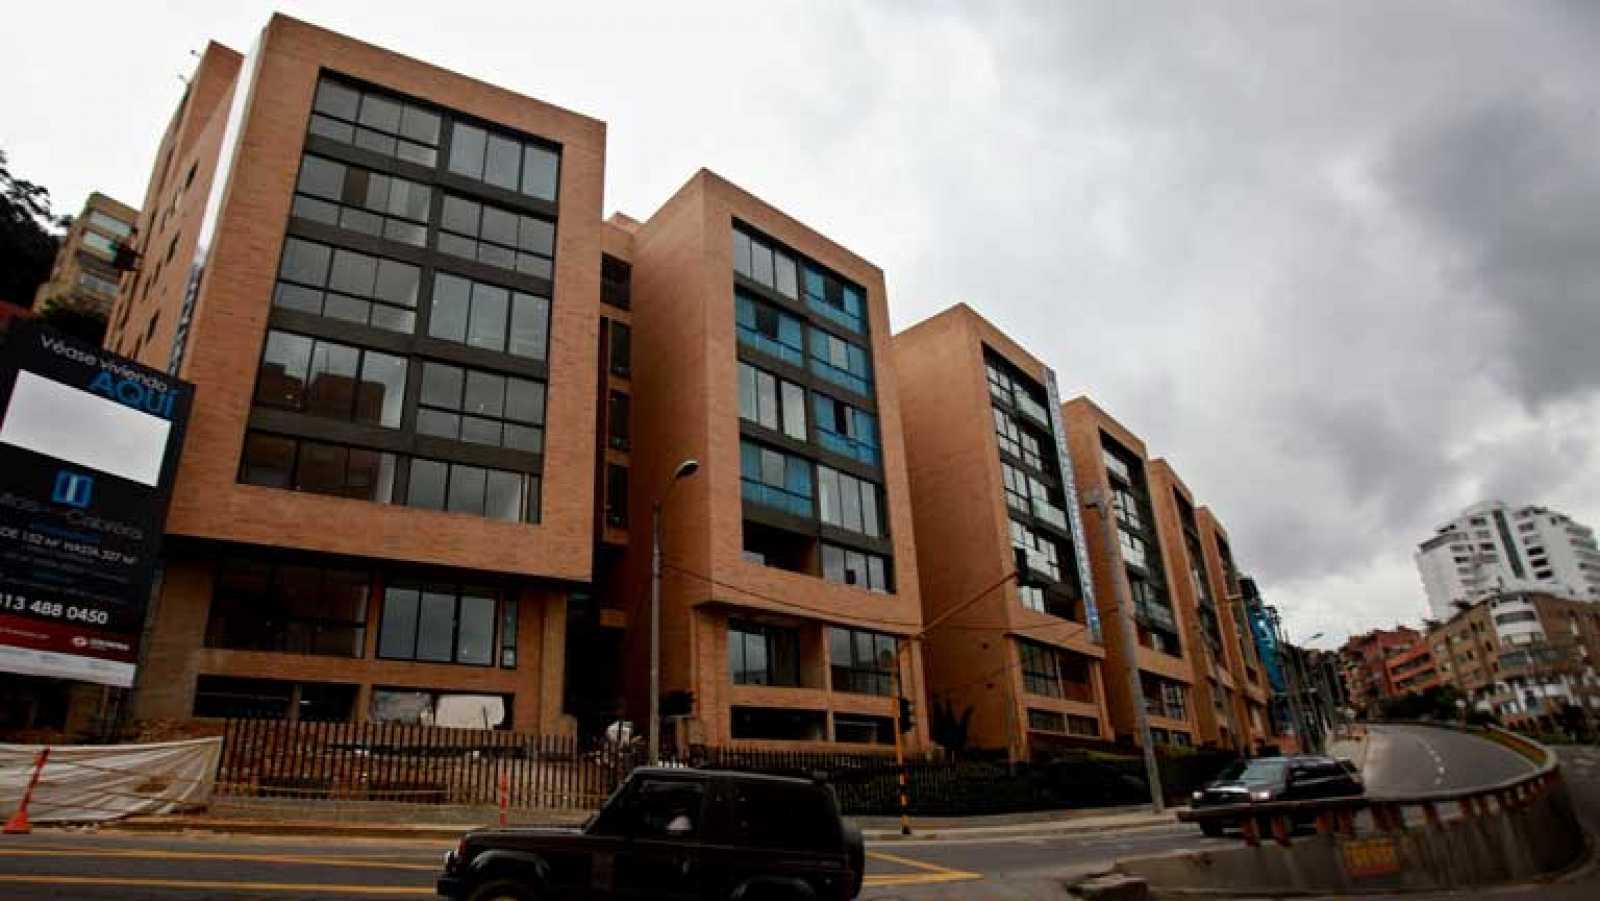 Las ejecuciones hipotecarias, en caída libre: descienden un 30,3% en tasa intertrimestral y un 21,3% en tasa anual